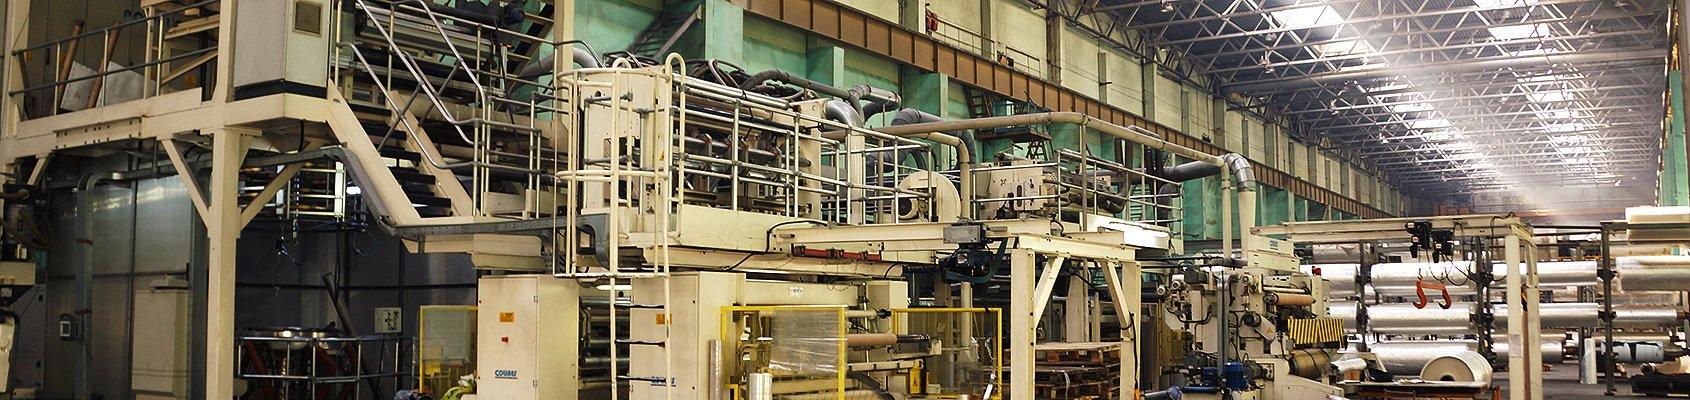 Производство упаковки из полимерных материалов